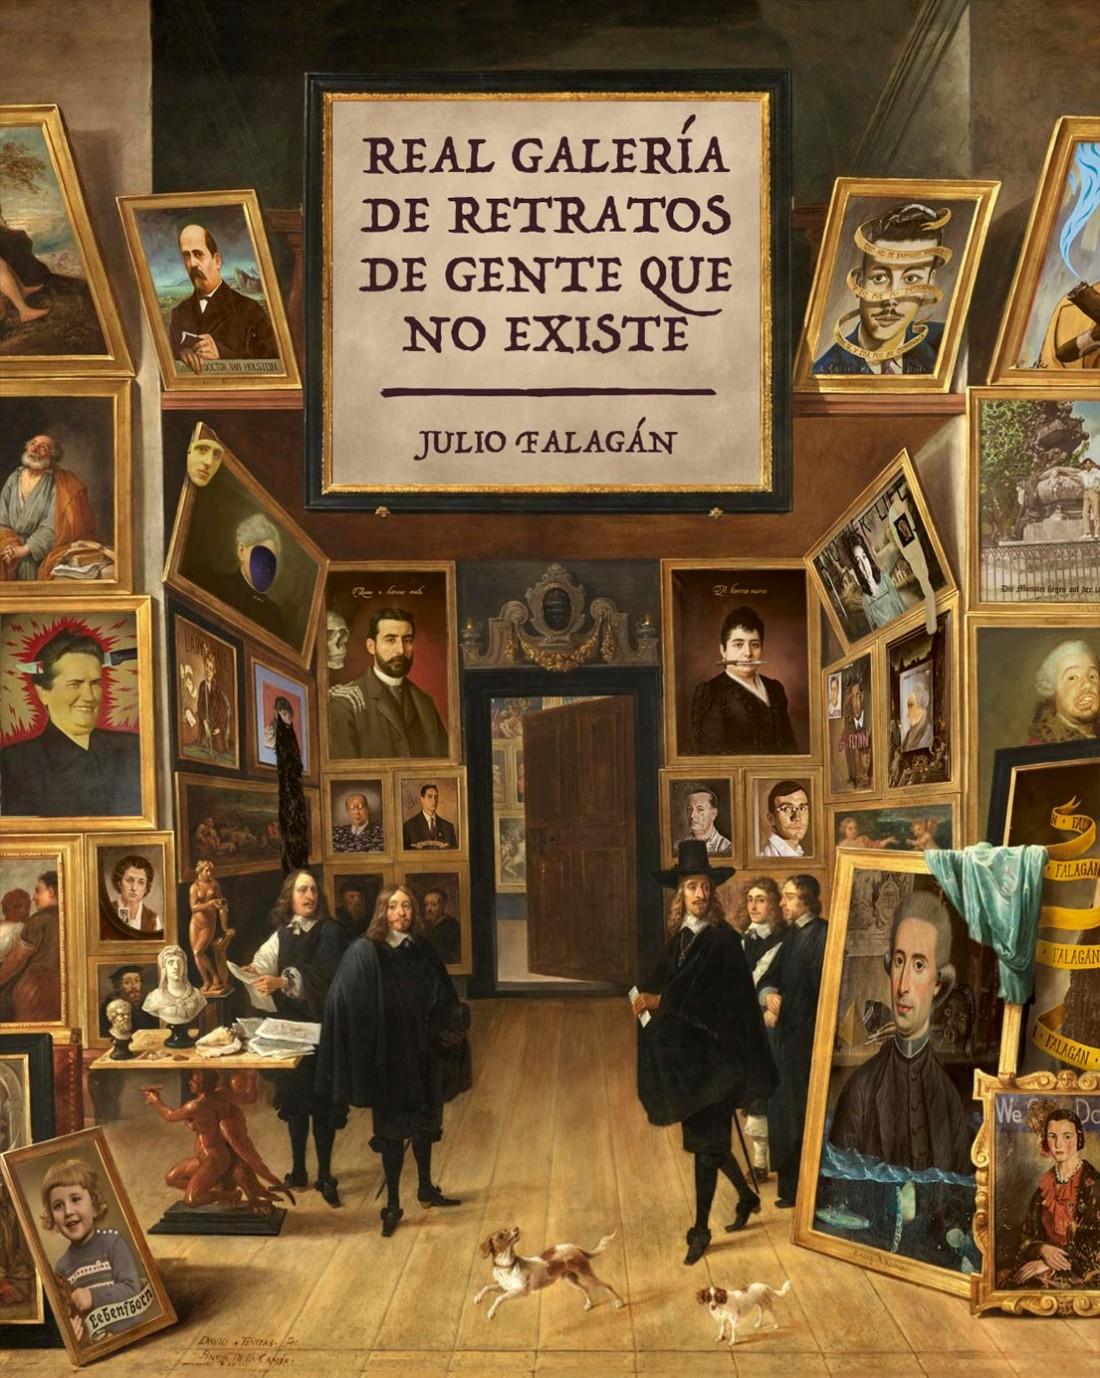 real galeria de retratos de gente que no existe julio falagan